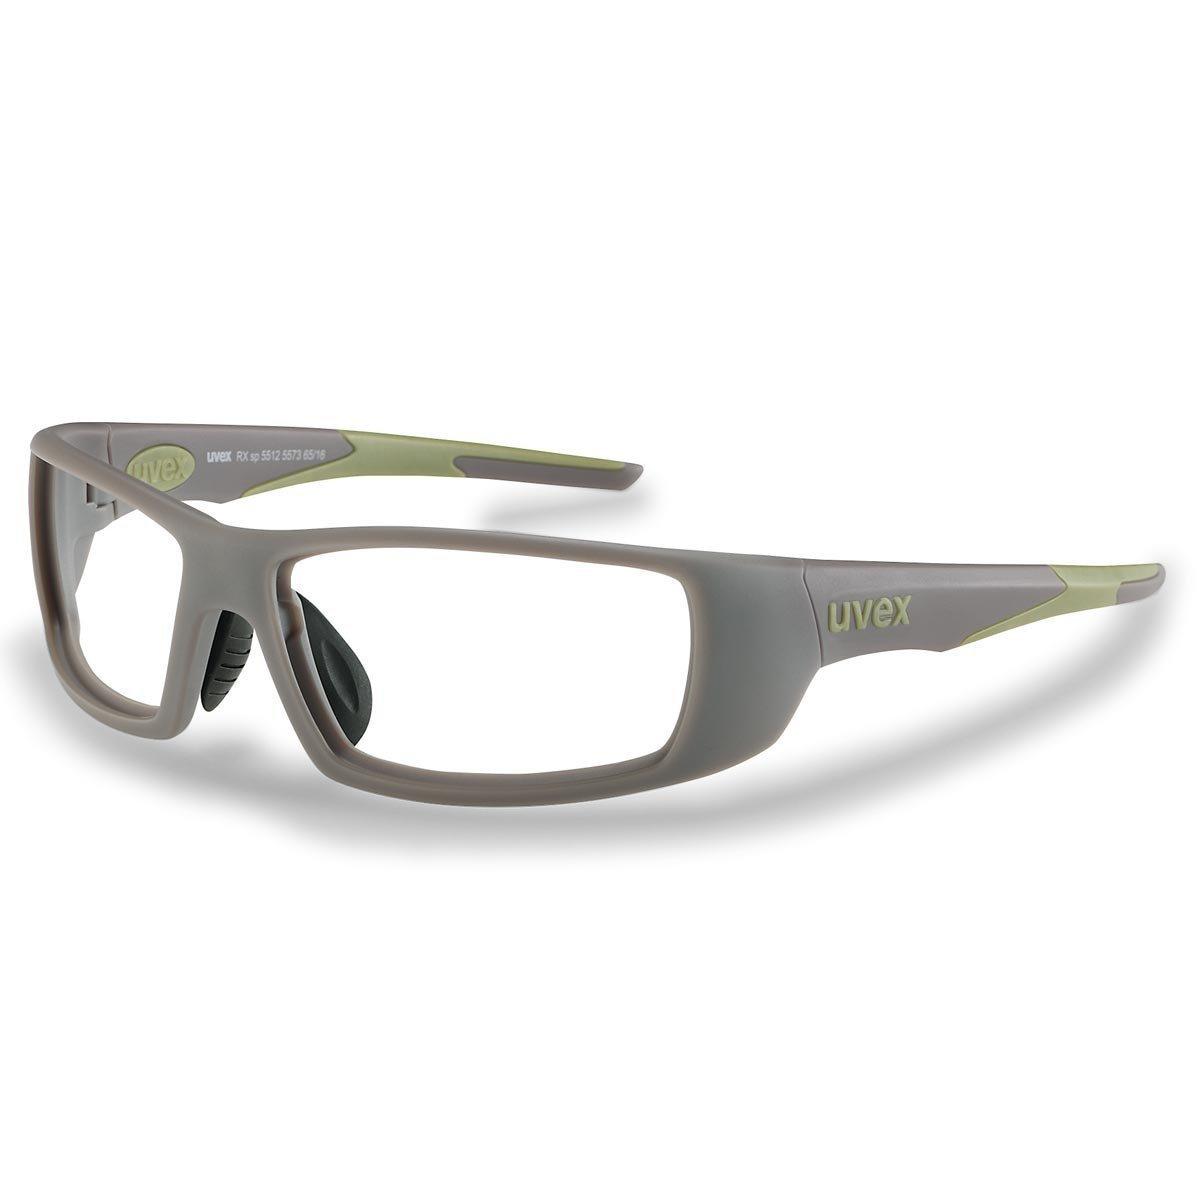 Uvex Korrektionsschutzbrille RX sp 5512 grün - Keine Entspiegelung